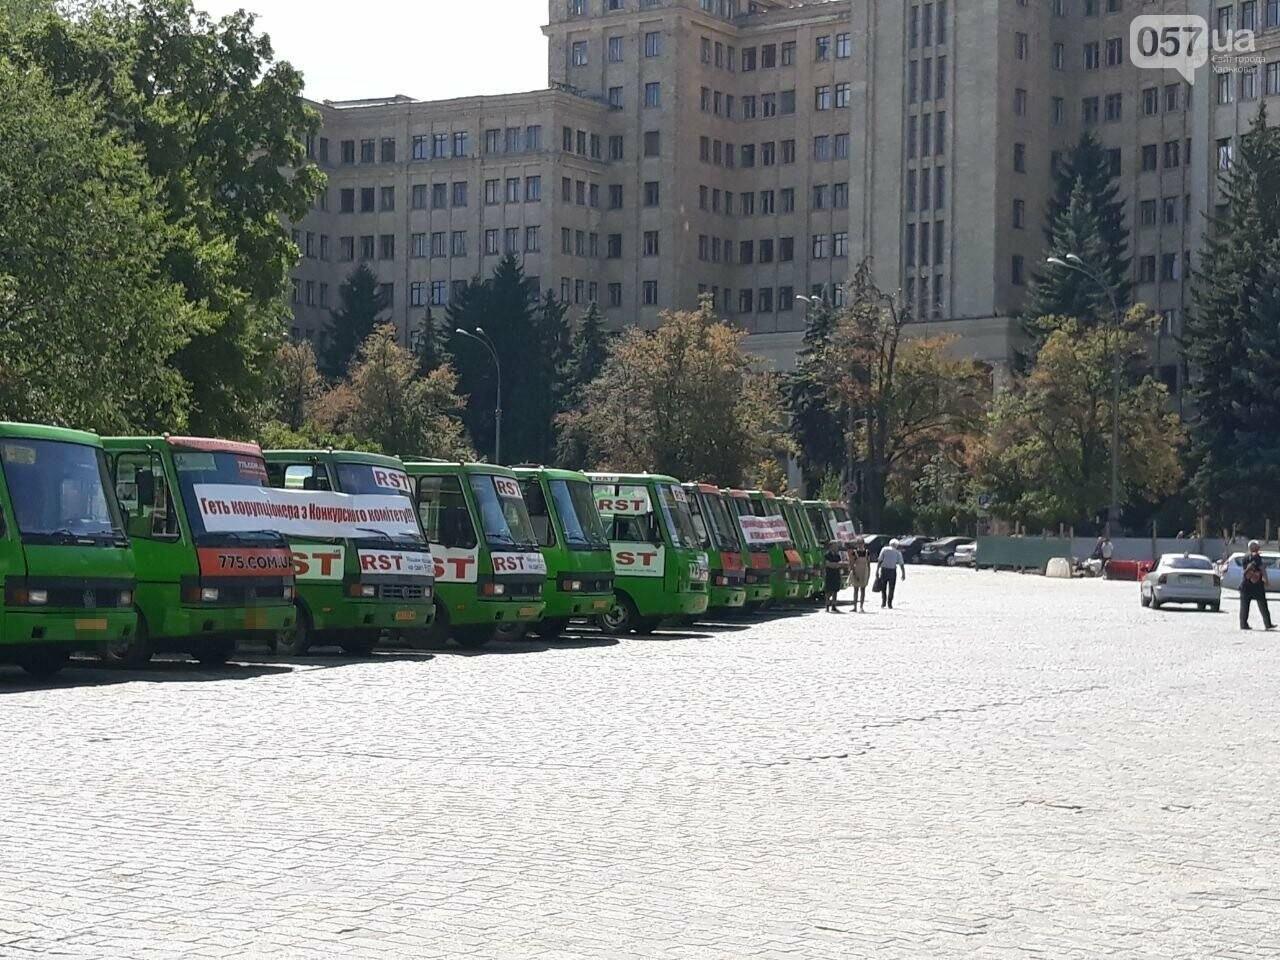 «Долой коррупцию»: в Харькове протестовали сотрудники самого крупного пассажирского перевозчика в области, - ФОТО, фото-8